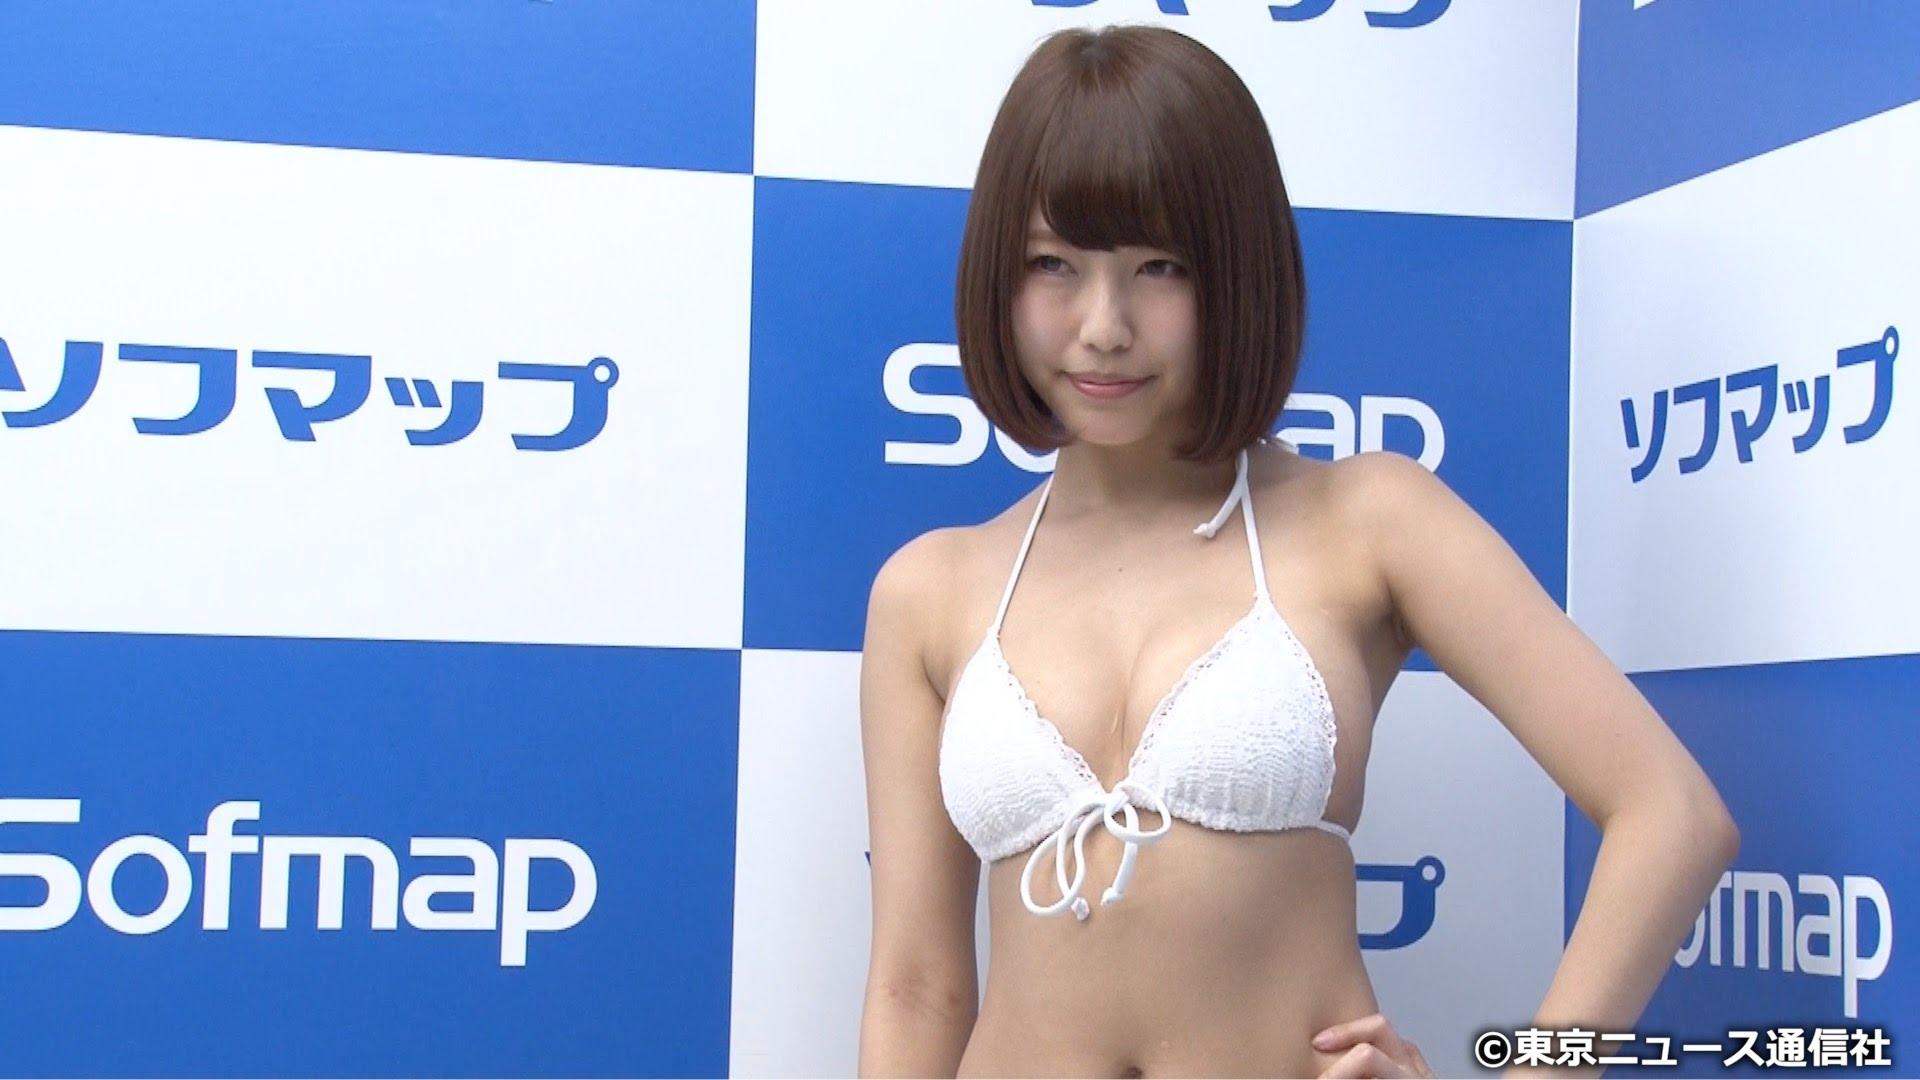 メイドからグラビアアイドルに!【Gカップおっぱい】倉田 夏希 セクシー動画